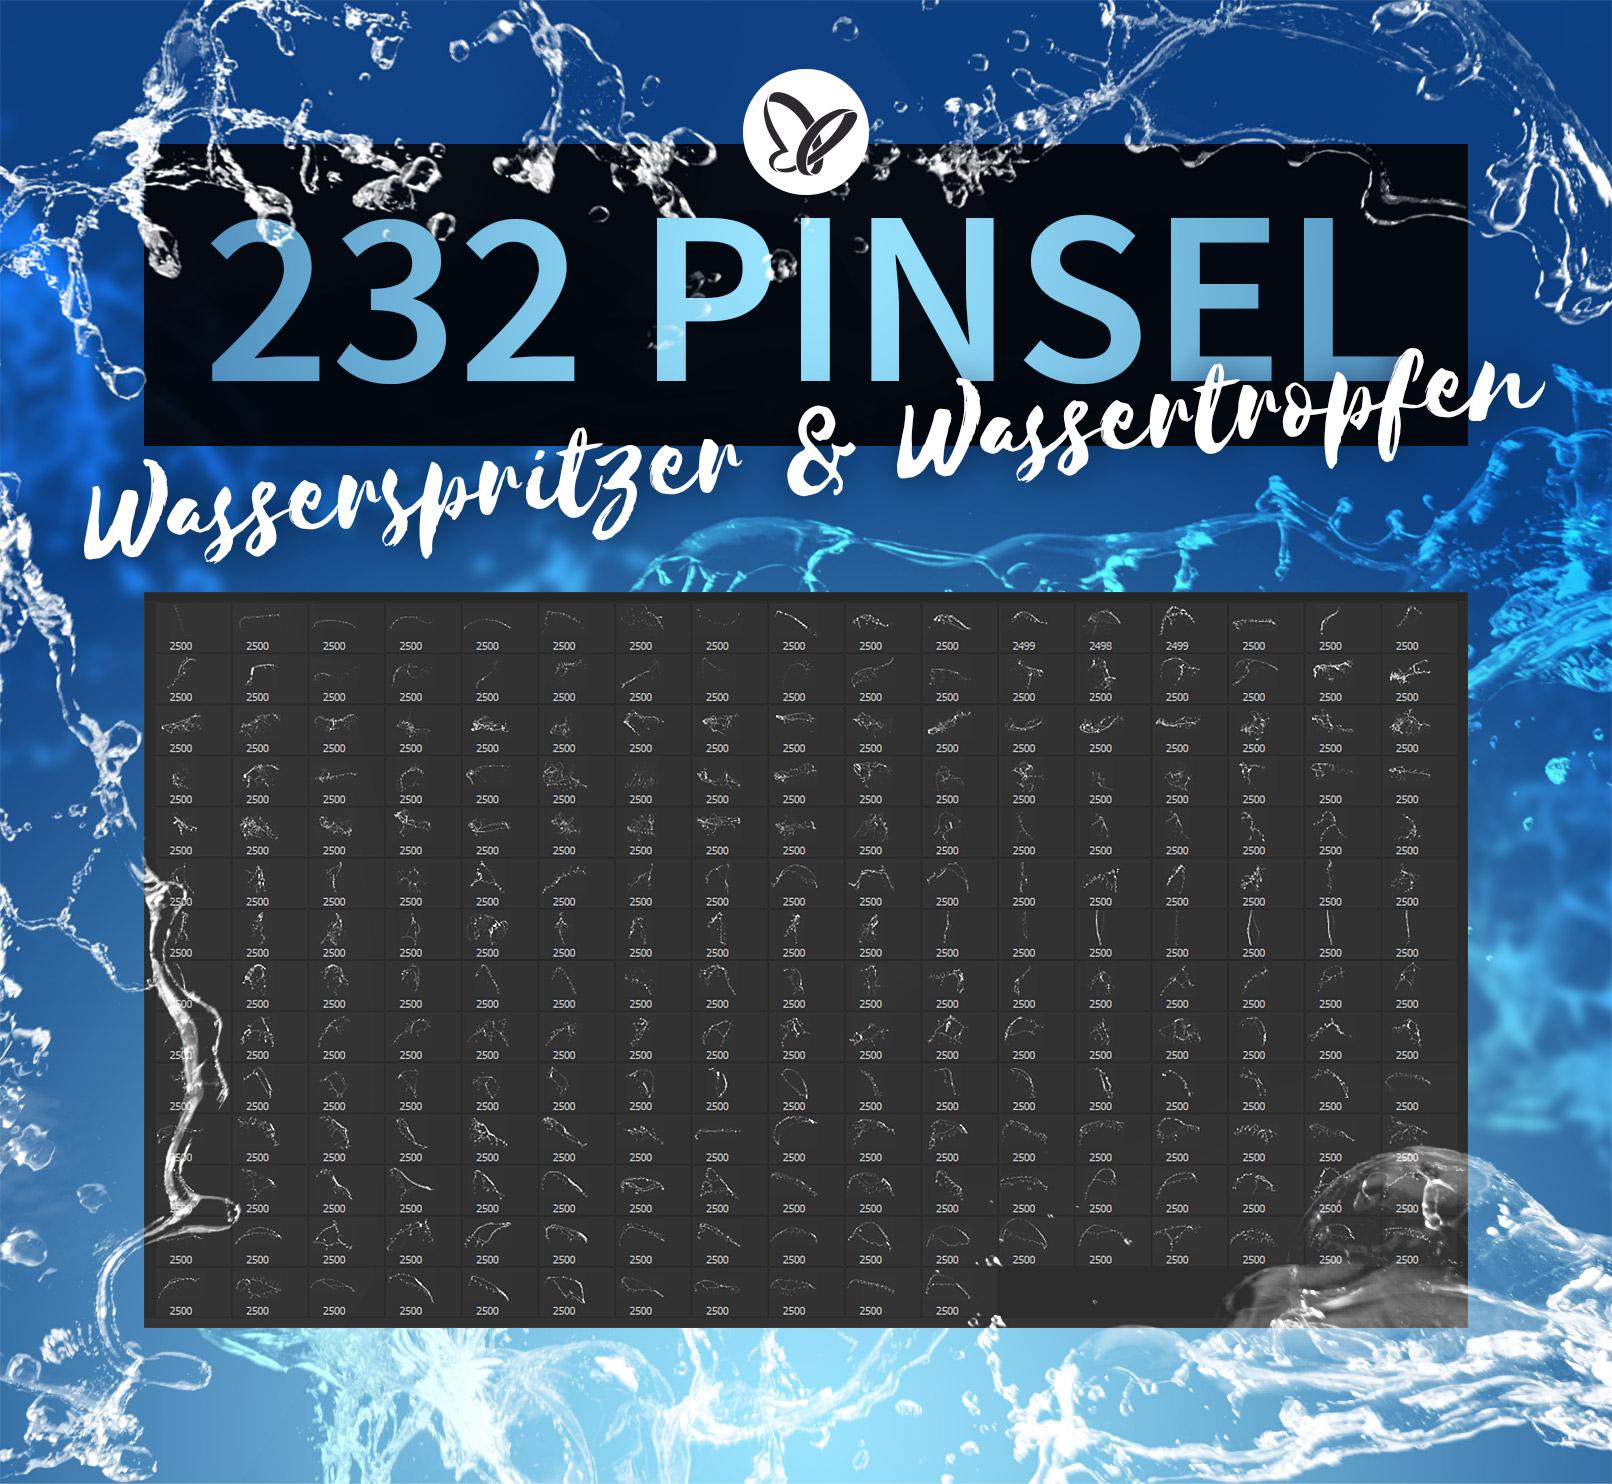 Darstellung der 232 Brushes mit Wasserspritzern und Wassertropfen zur Anwendung in Photoshop, GIMP und Co.